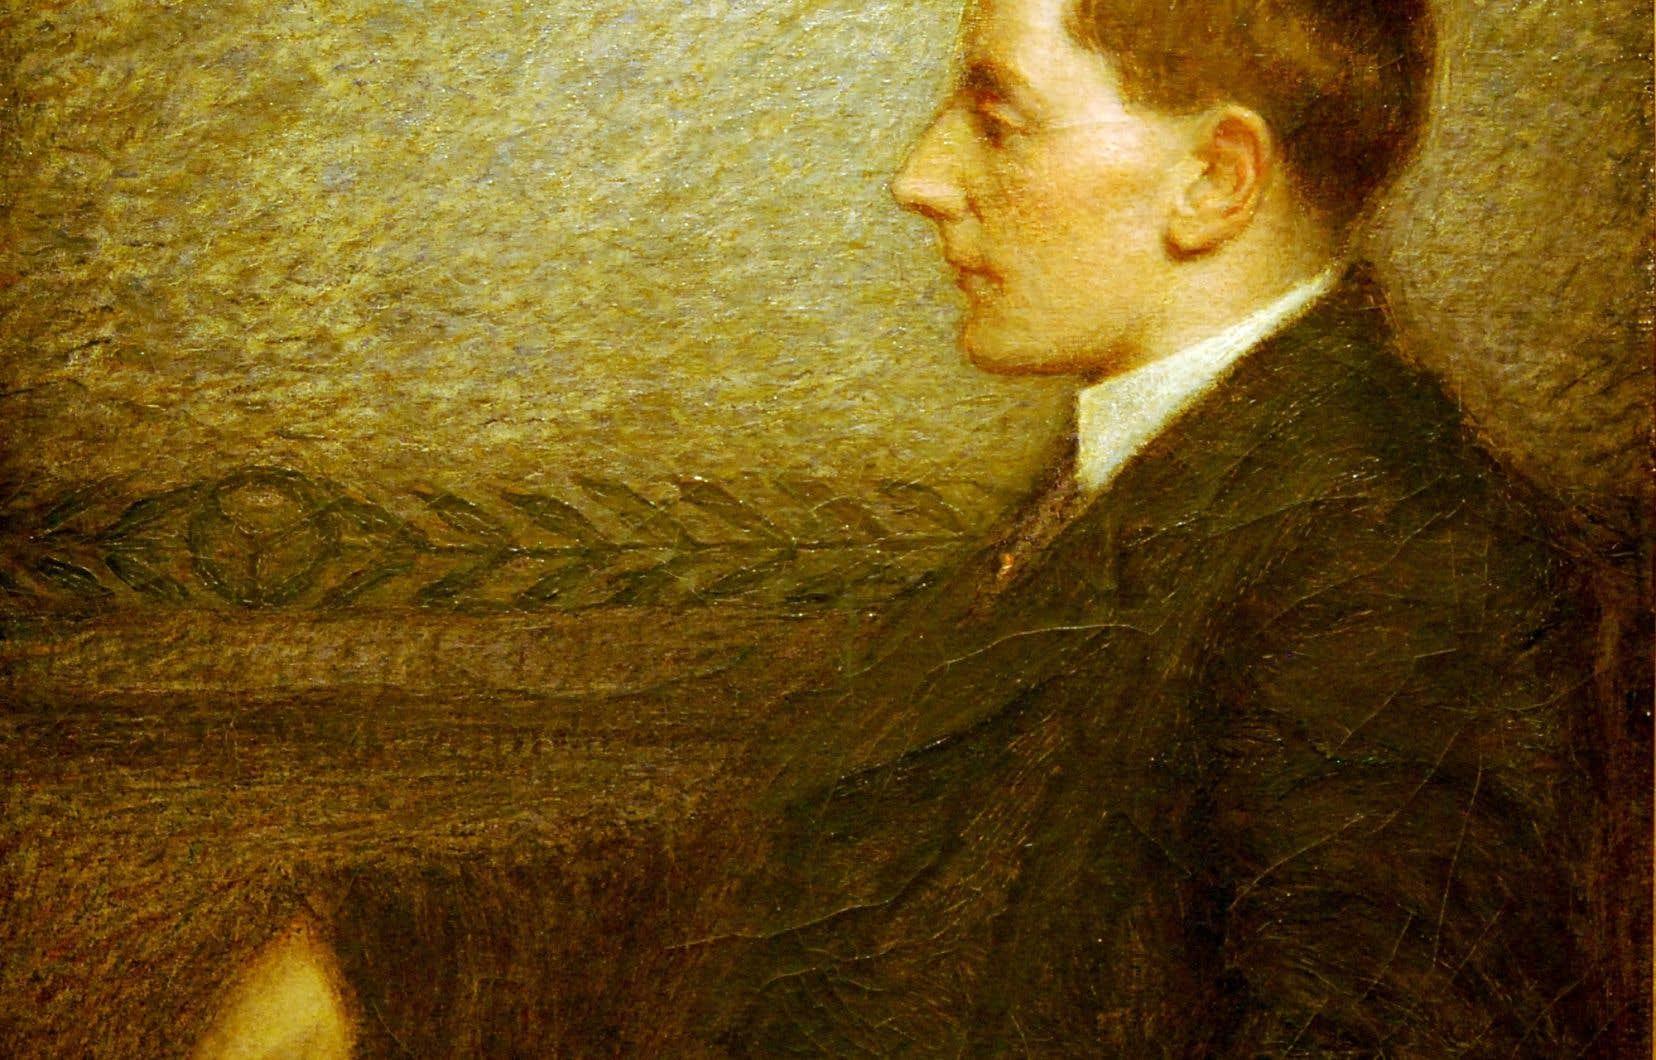 Portrait de Guy Delahaye, poète, huile sur toile, c. 1911, coll. MNBAQ.